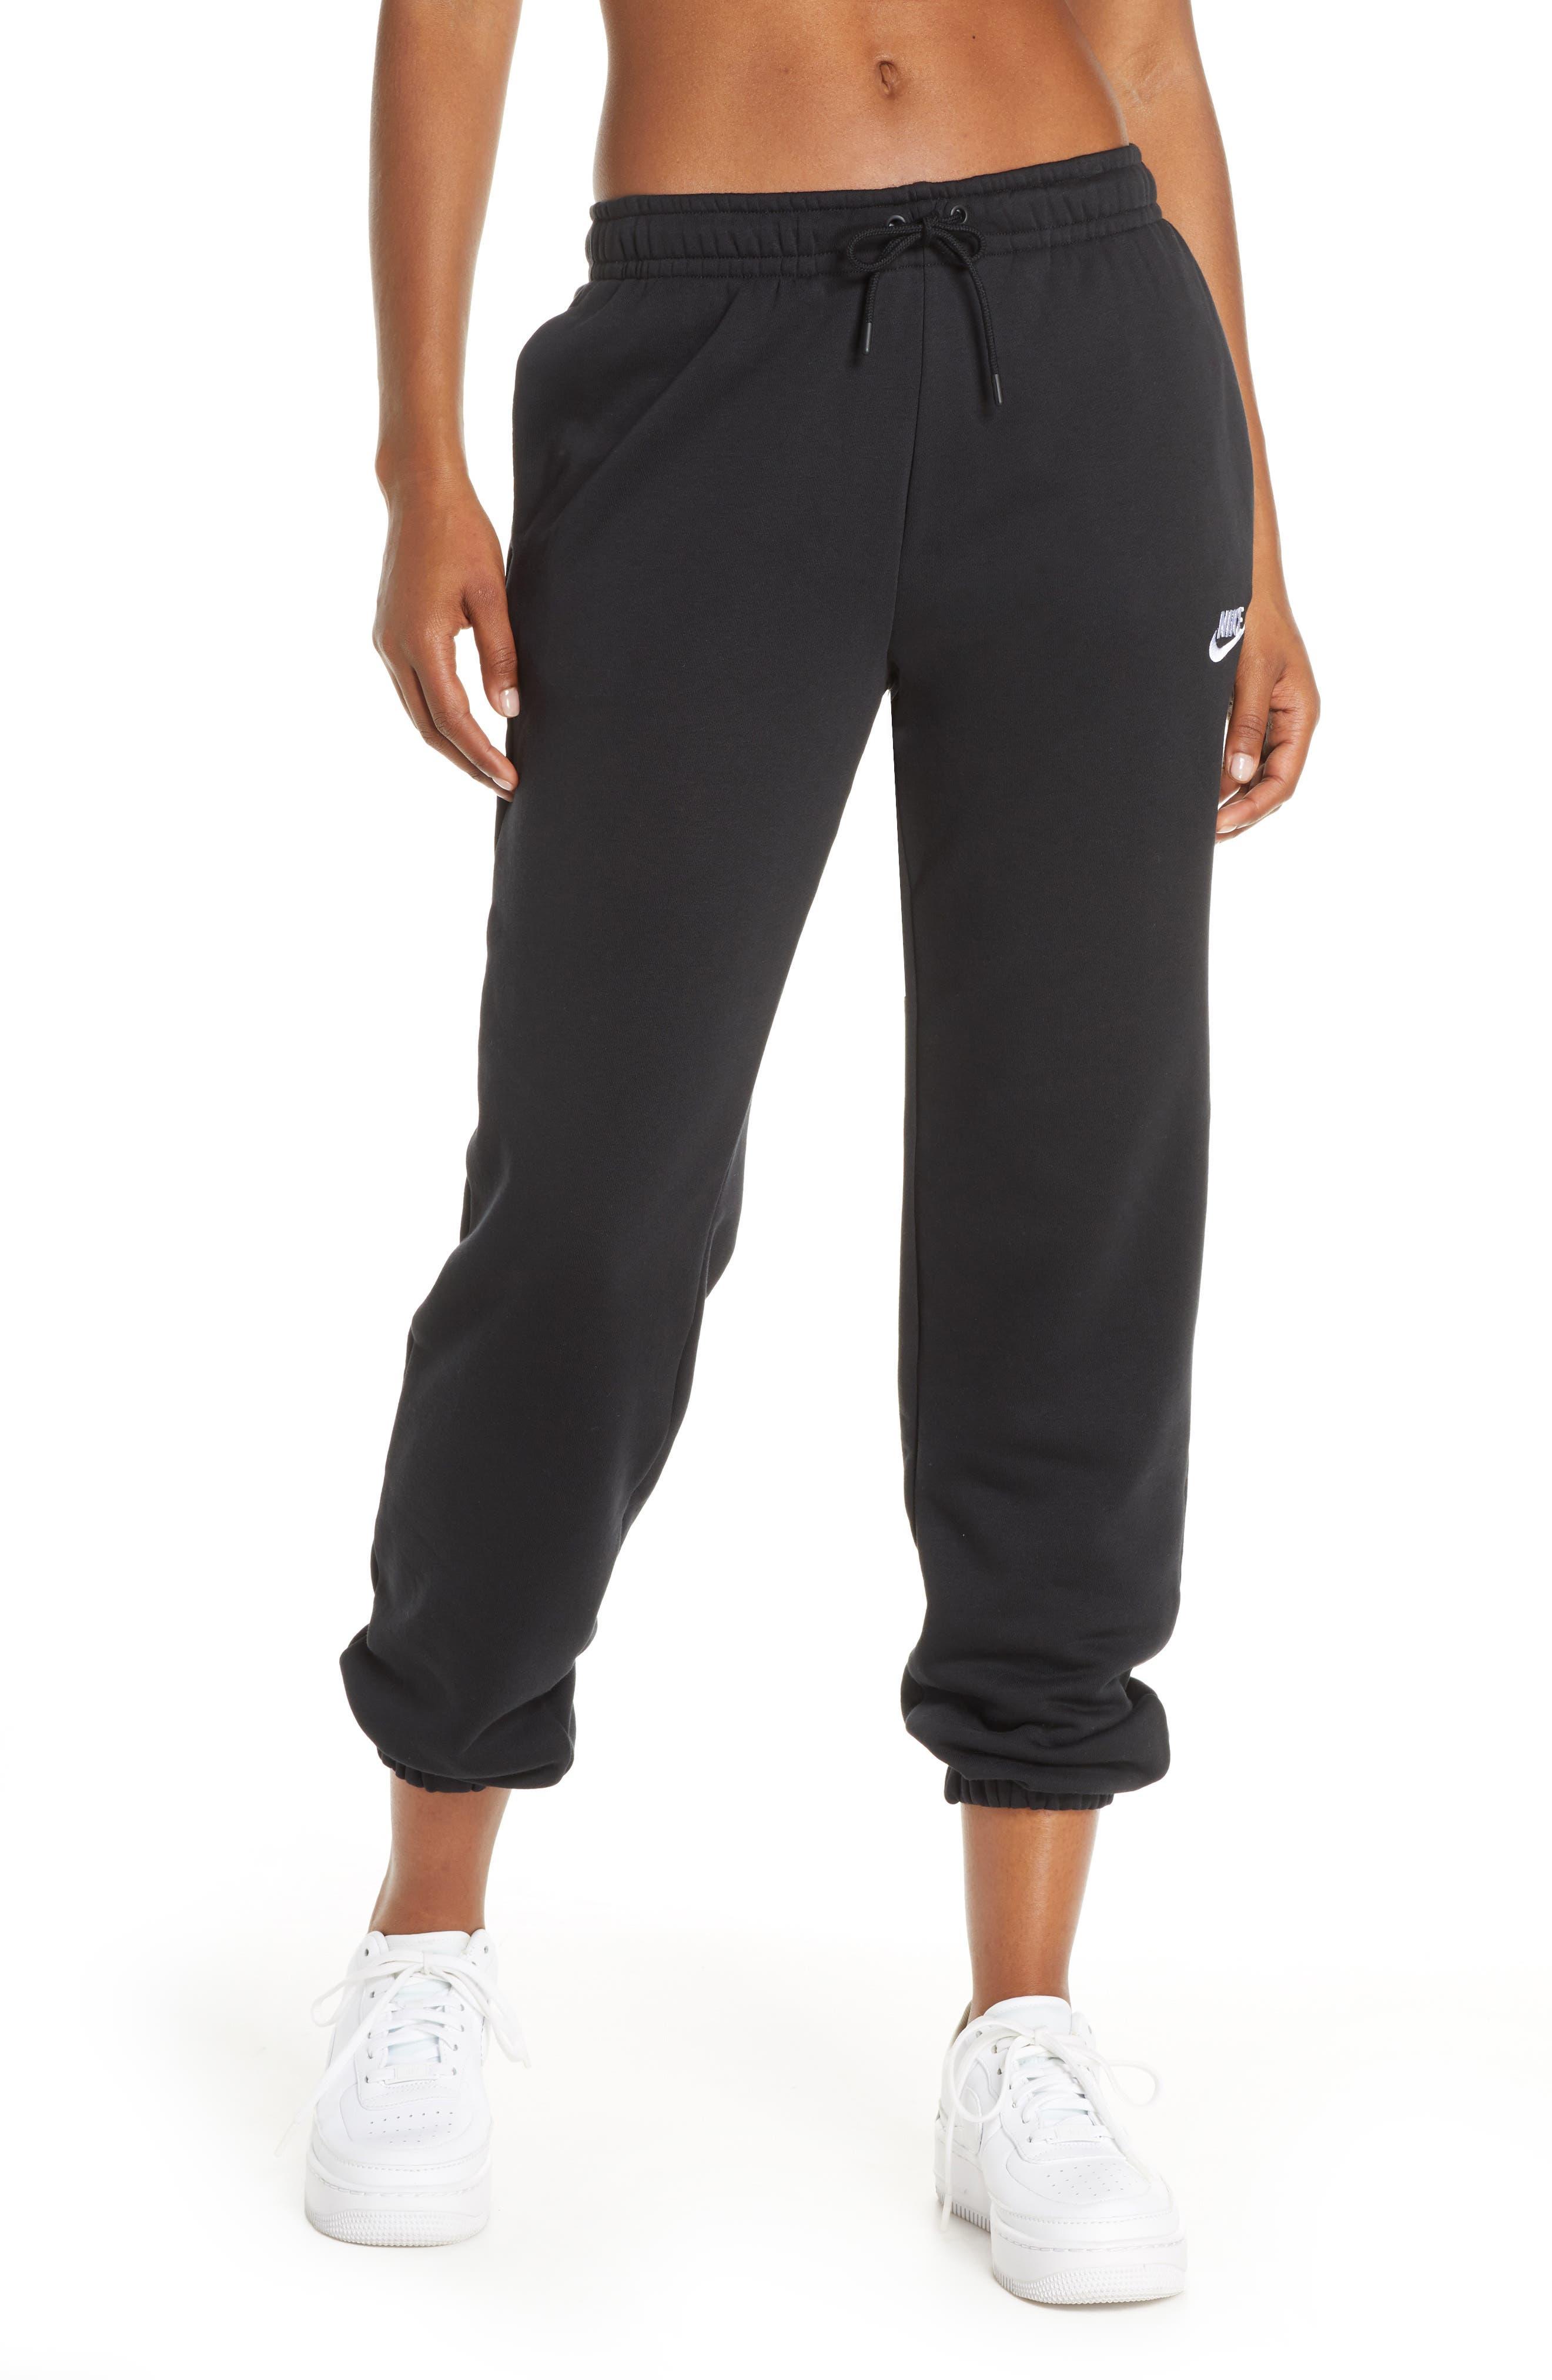 LeggingsNordstrom Women's Pantsamp; LeggingsNordstrom Nike Nike Women's Pantsamp; Women's ALR3jqc54